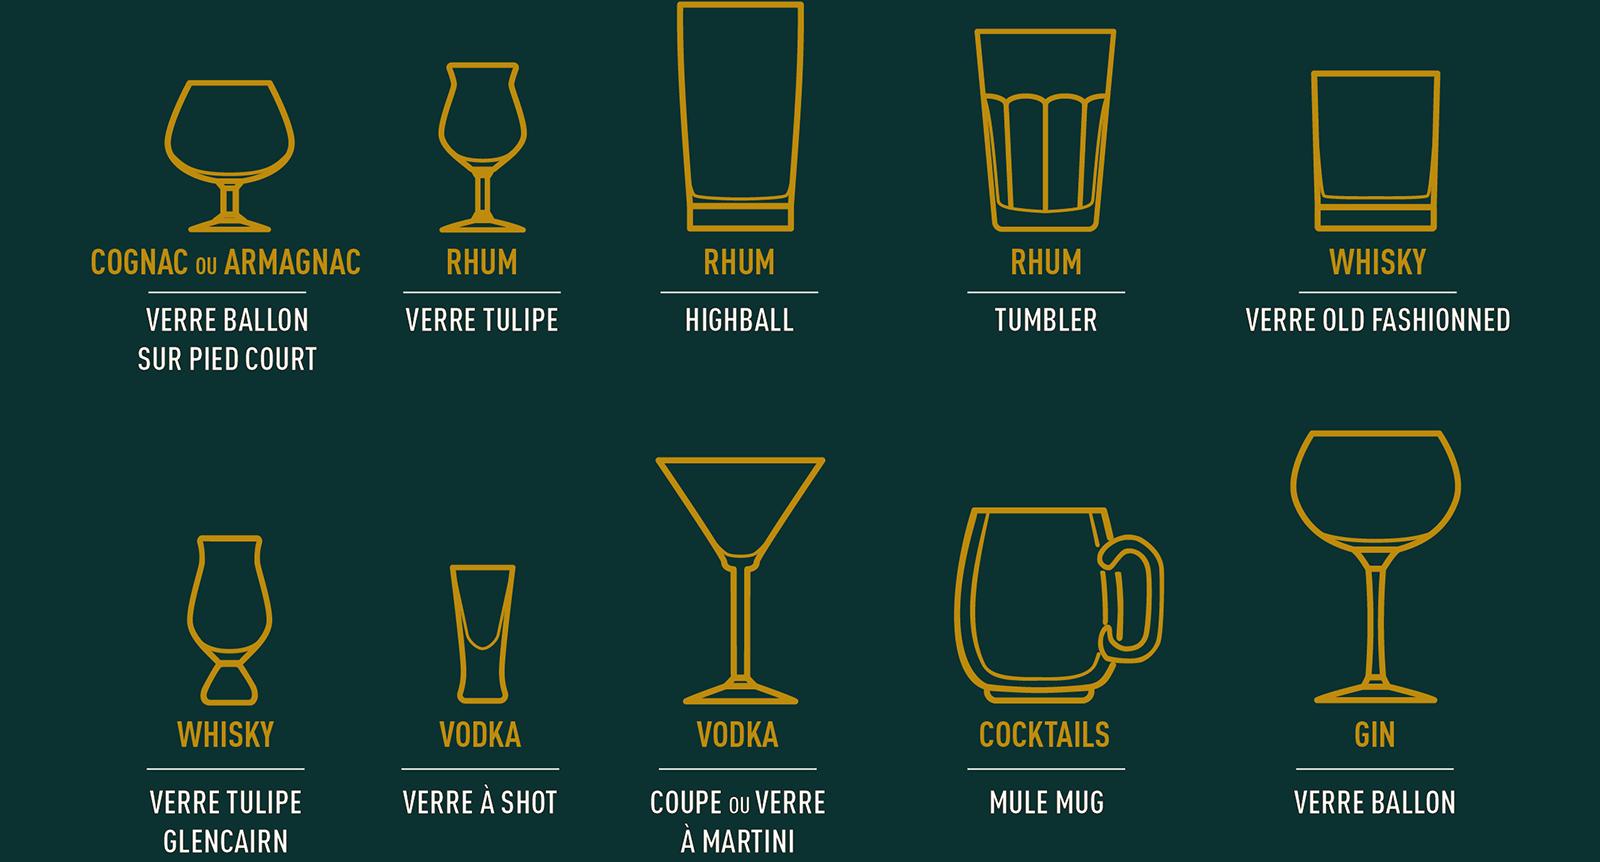 verres spiritueux premium dugas club expert